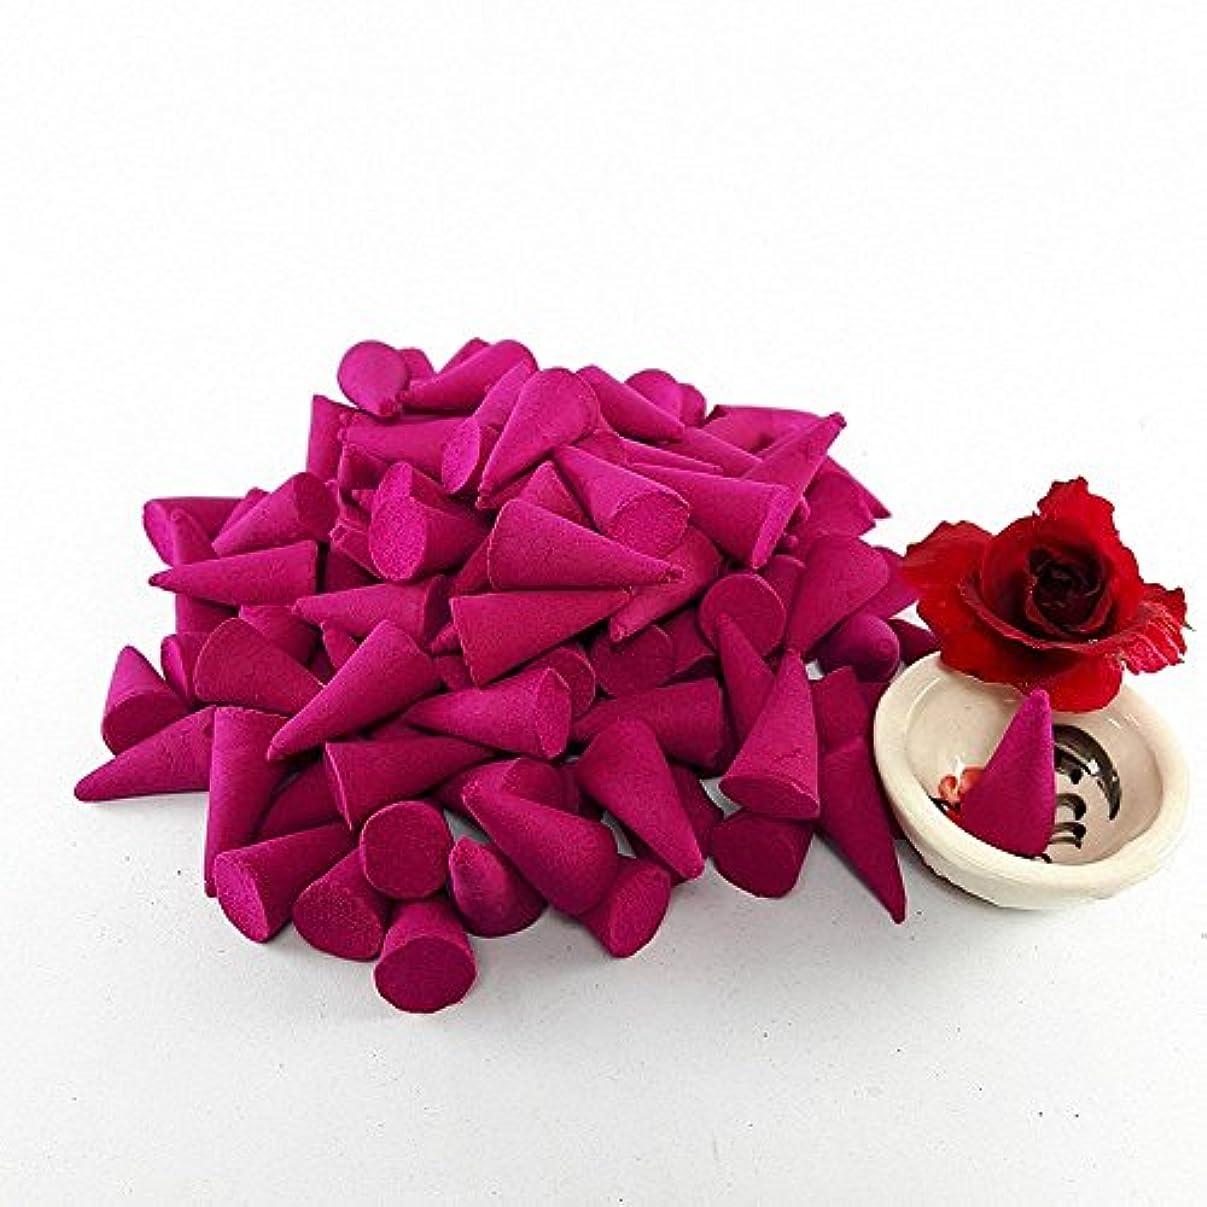 ショートカット郵便物学部長家庭用線香 Incense Cones Mixed Variety of Fragrance Relax Aromatherapy Spa (Pack of 100 Cones) With Burner Holder Thai...